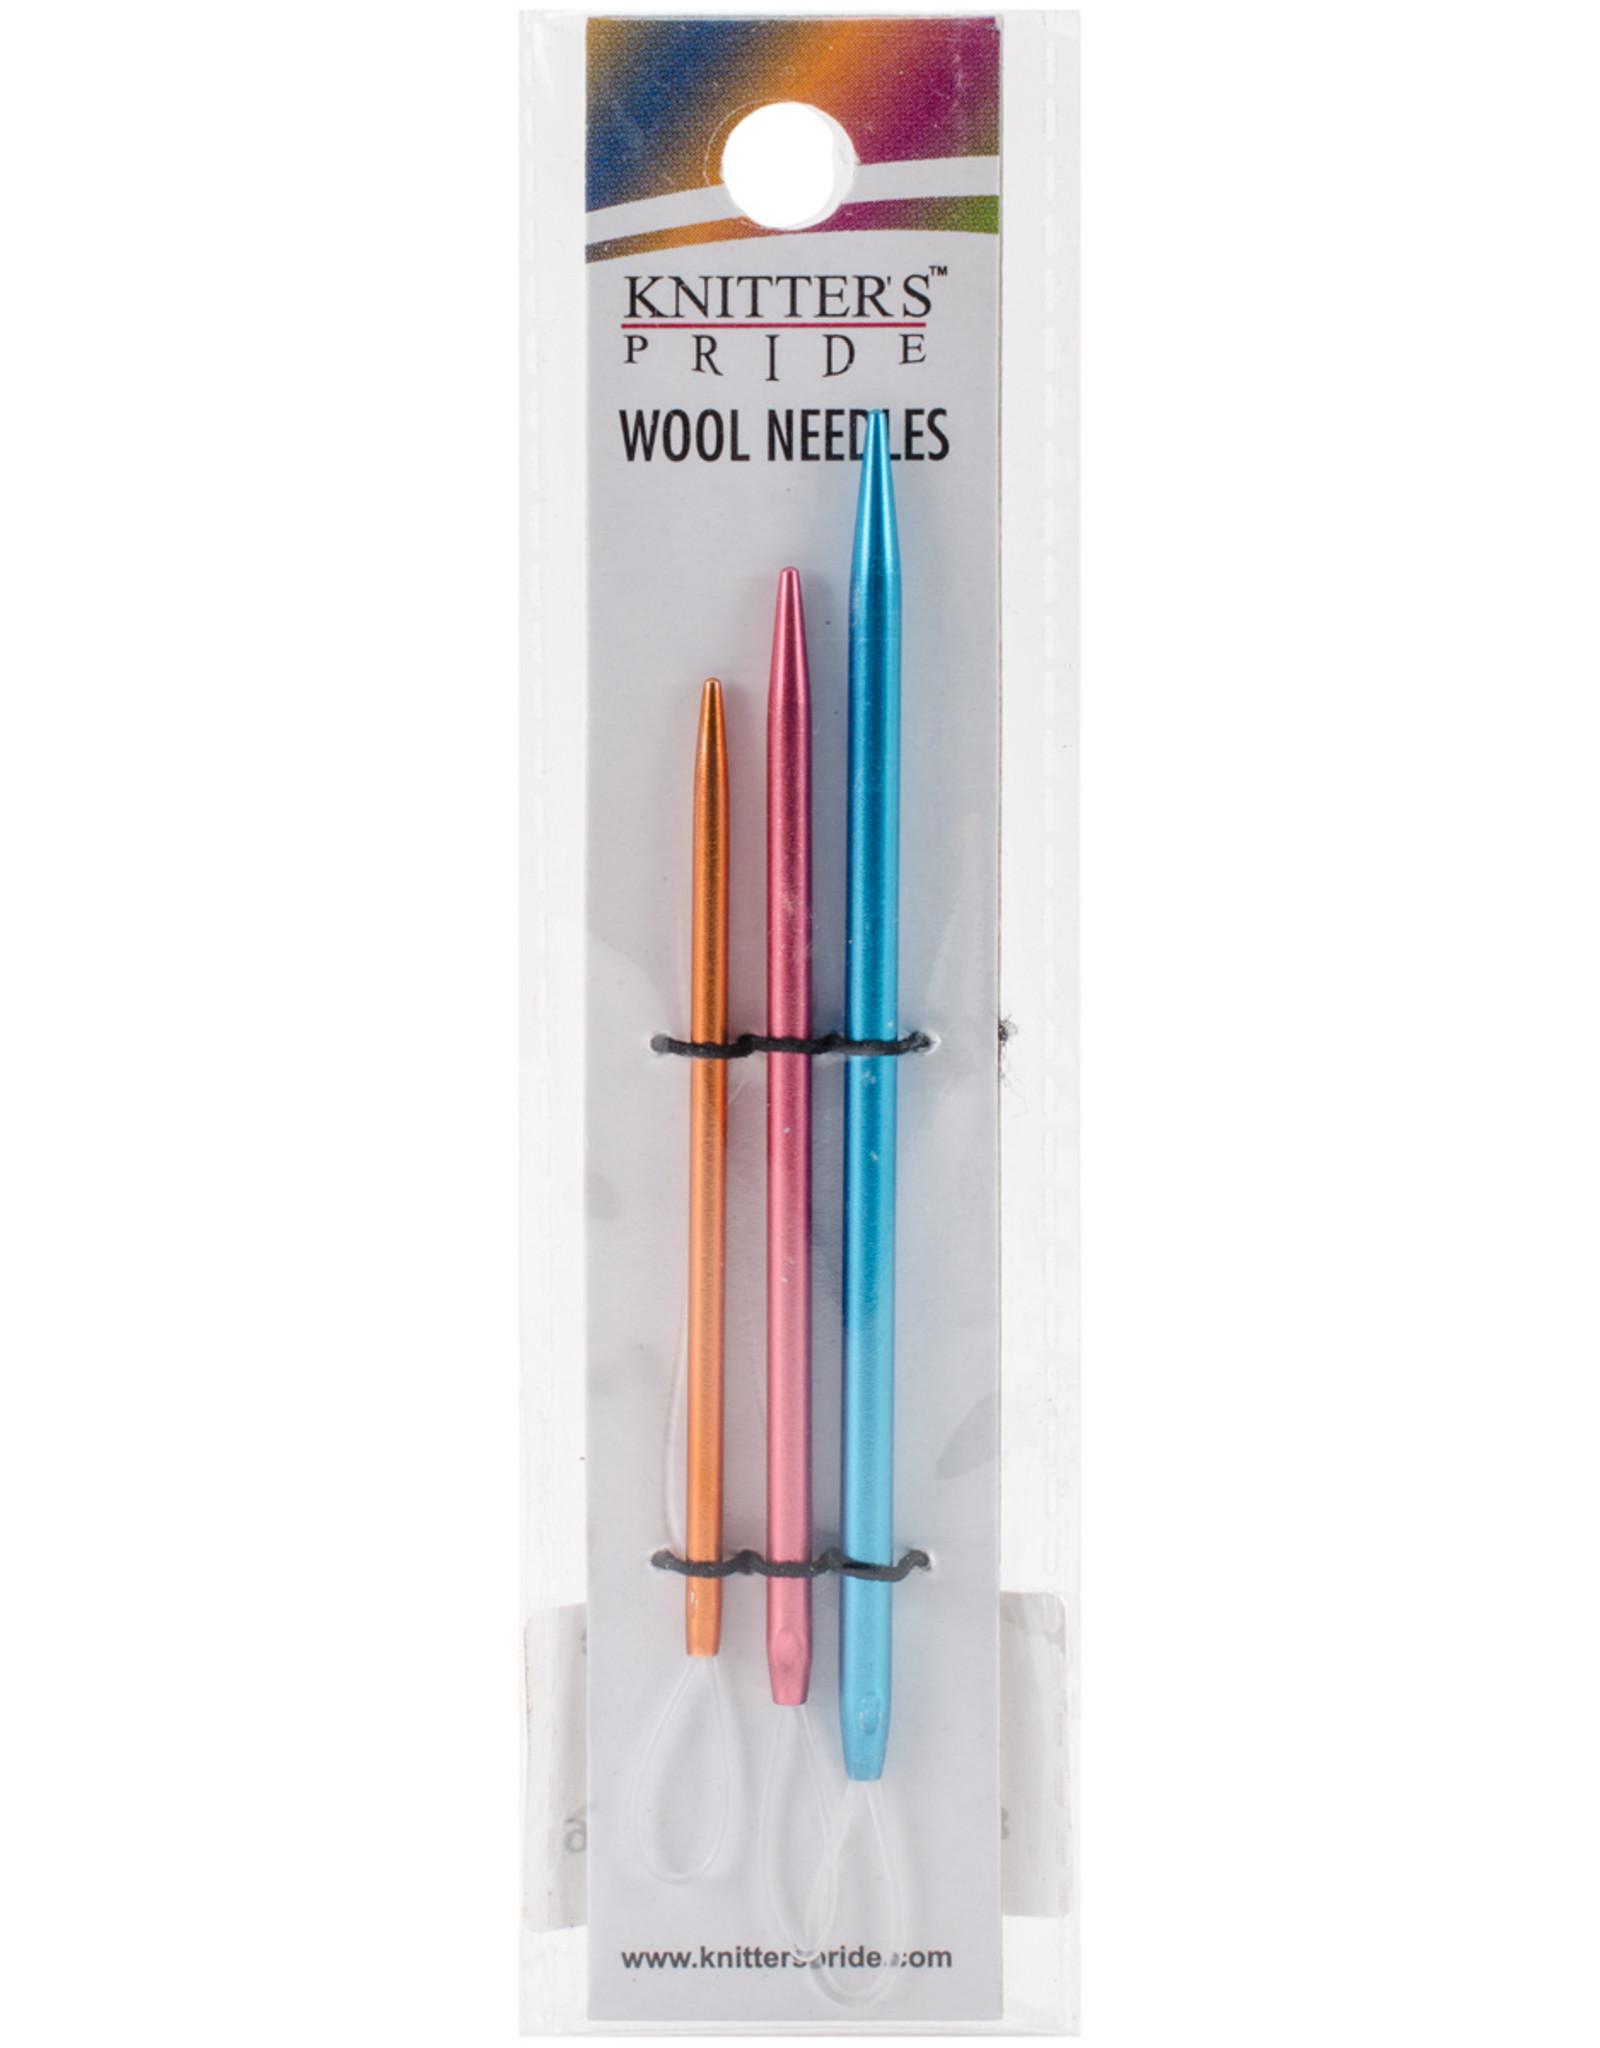 Knitters Pride KP Wool Needles